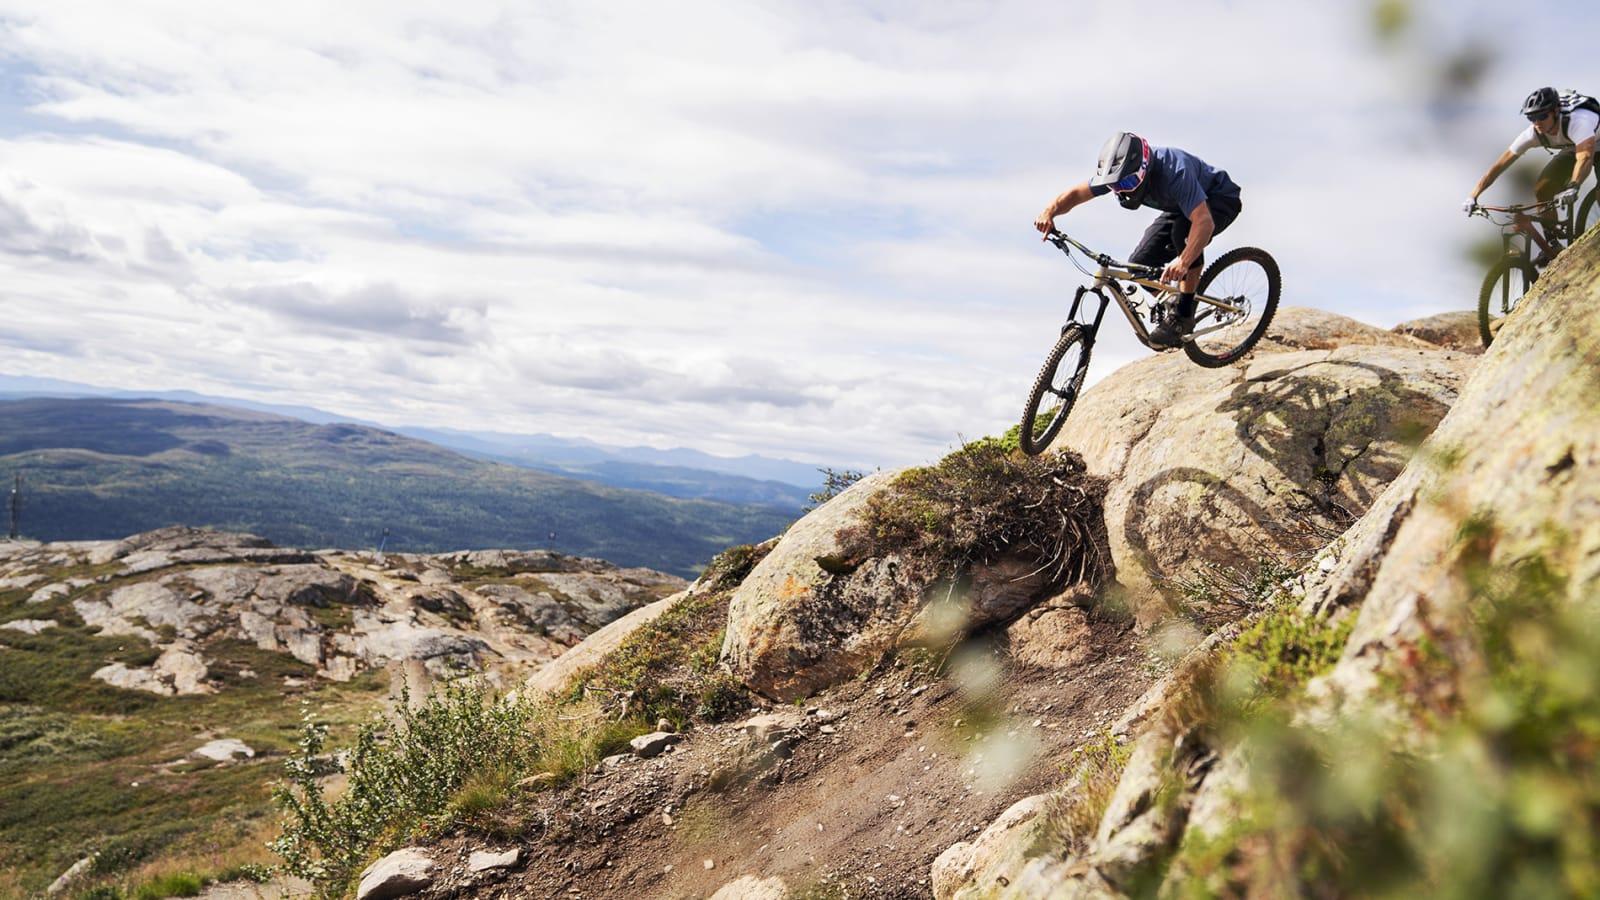 ÅRE: Med sine 50 kilometer fordelt på 35 stier og 853 høydemeter er Åre Skandinavias største sykkeldestinasjon. Stipatruljen til Terrengsykkel fikk guiding av den lokale syklisten Daniel Pettersson.